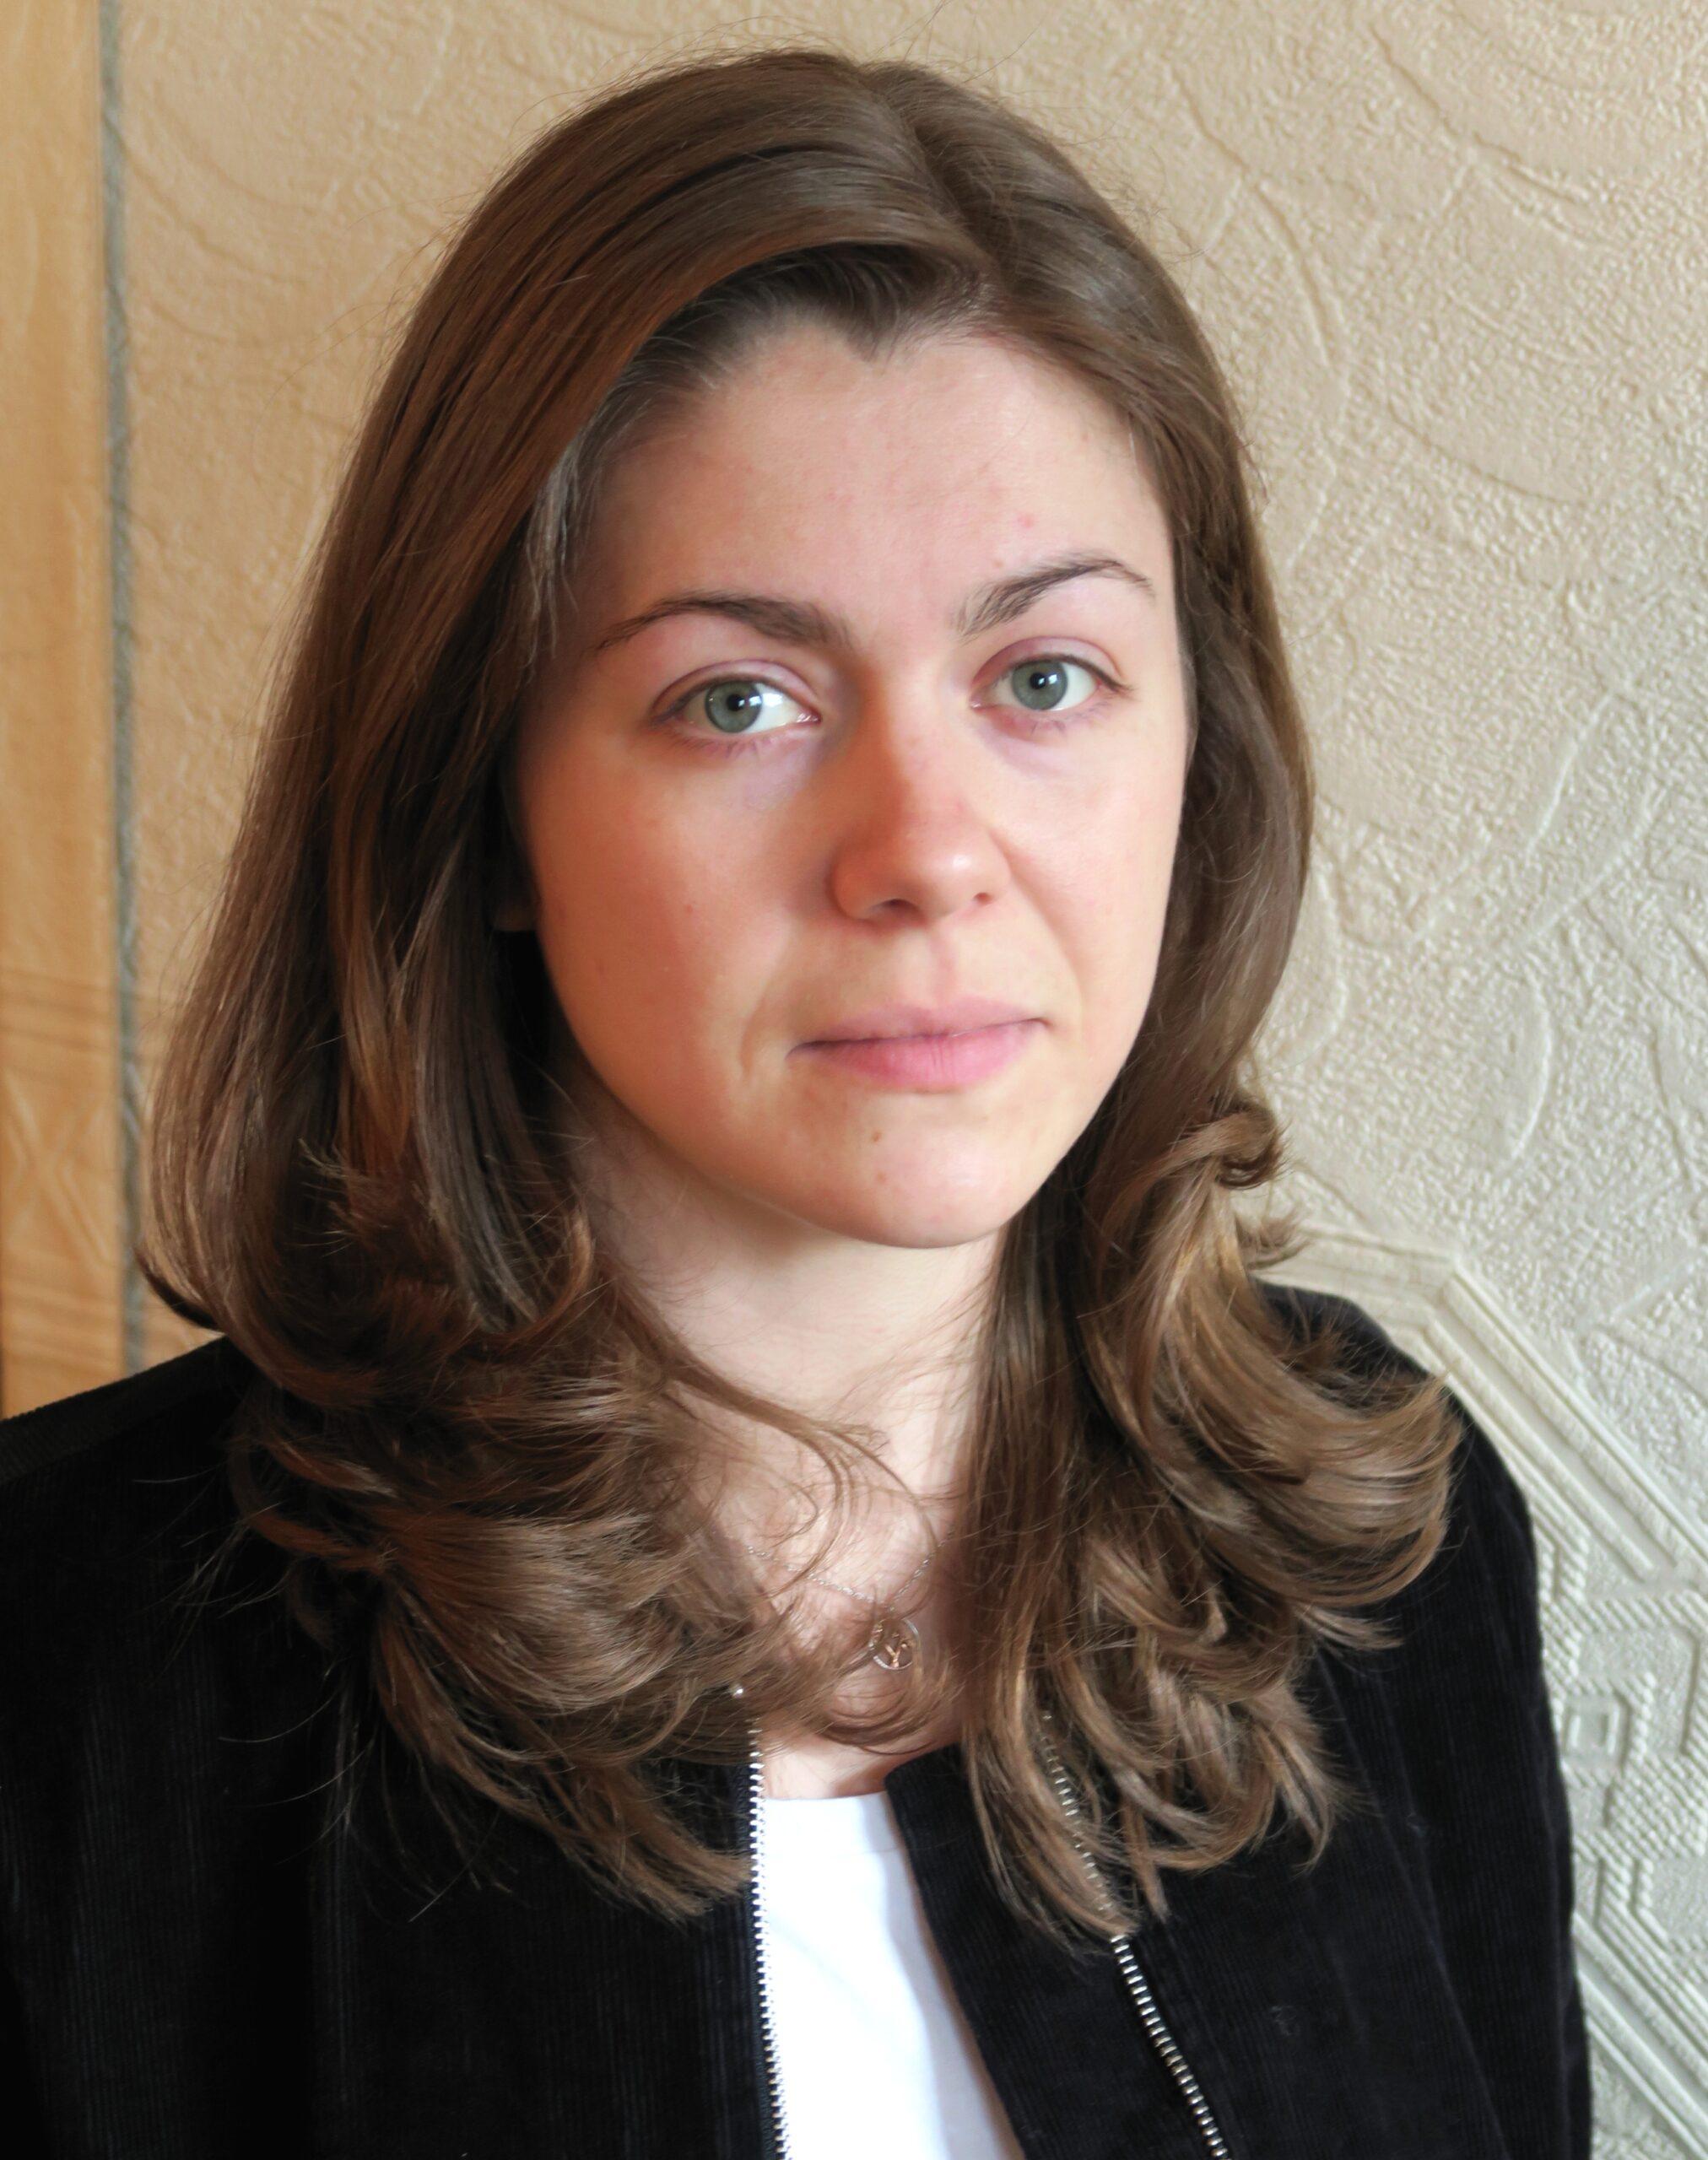 Frauke Albersmeier